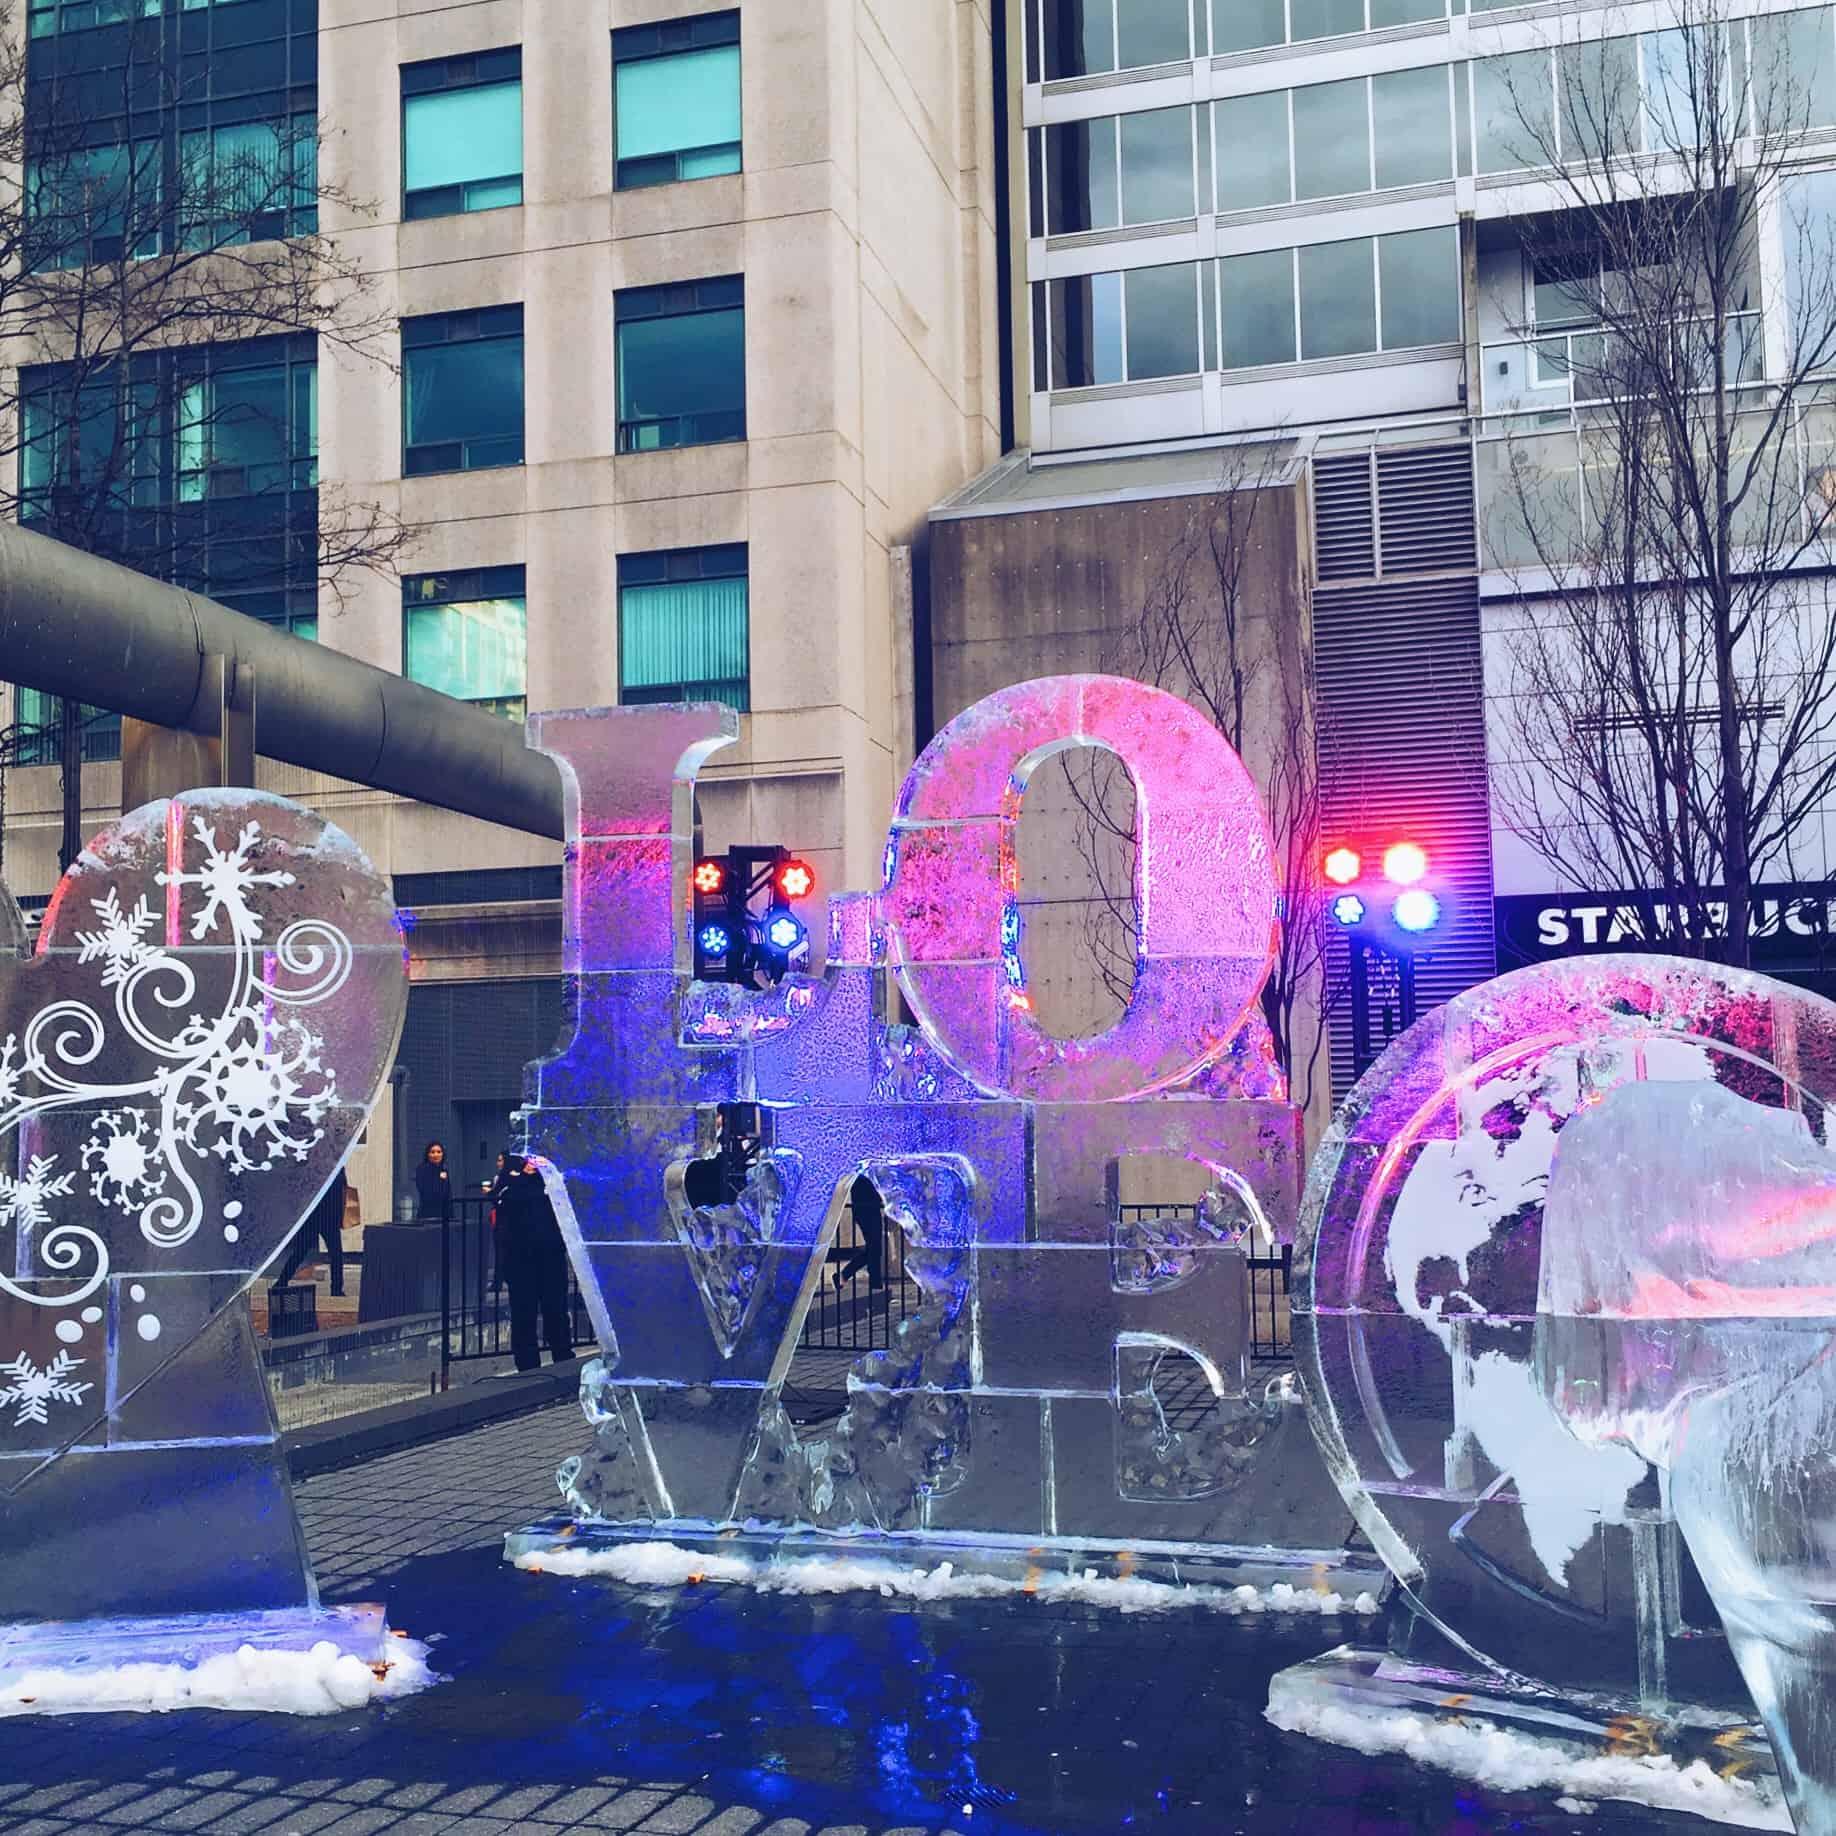 Bloor Icefest Sculptures 2016